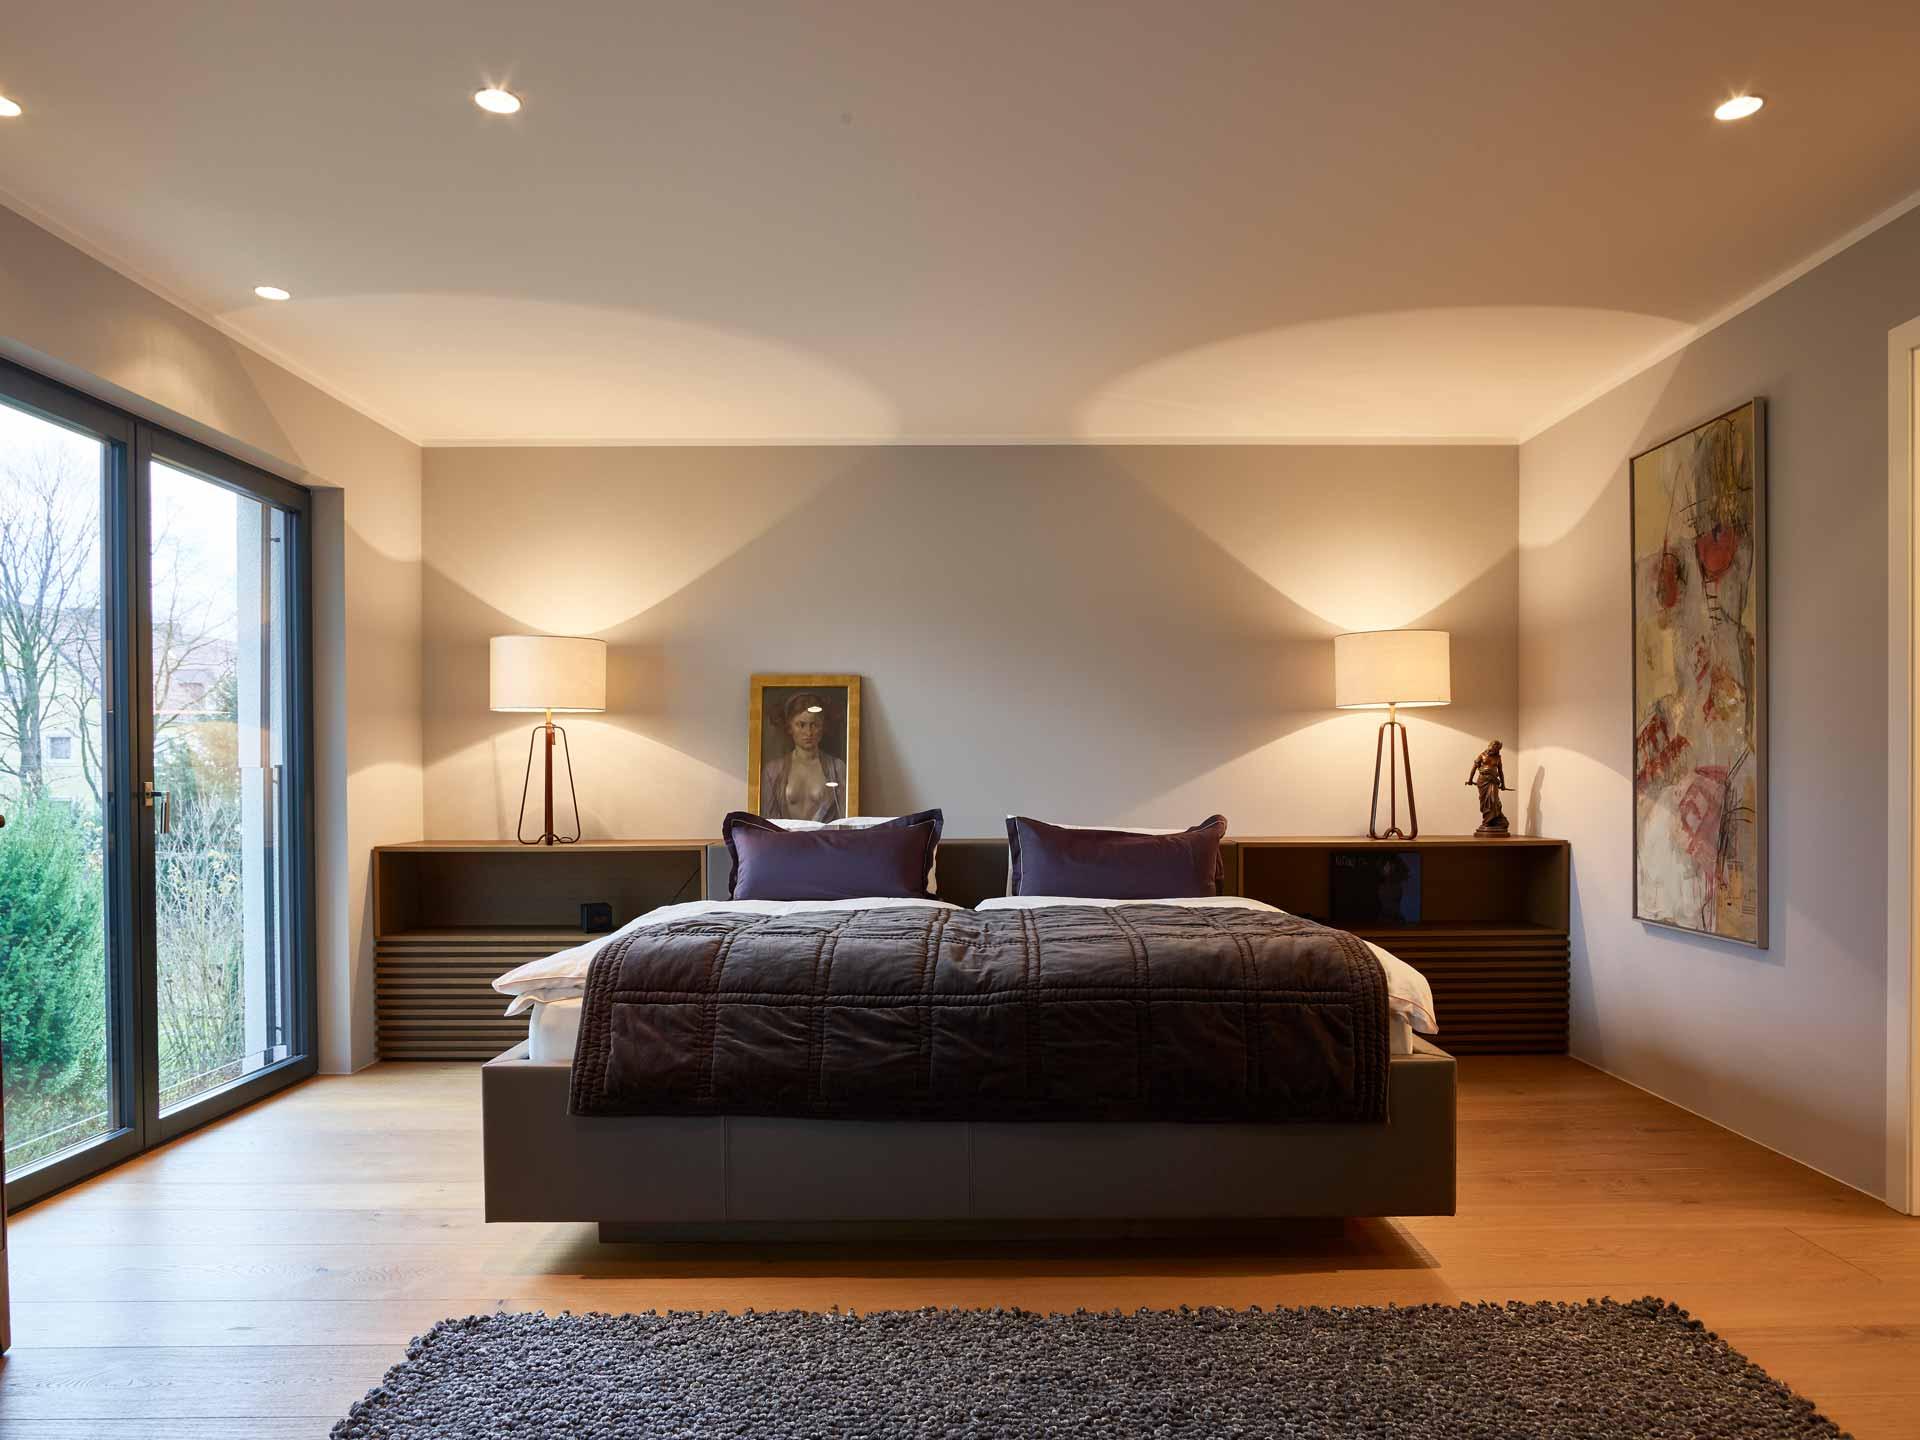 Innenarchitektur - Schlafzimmer nach Maß mit Designerleuchten und Einbaumöbel